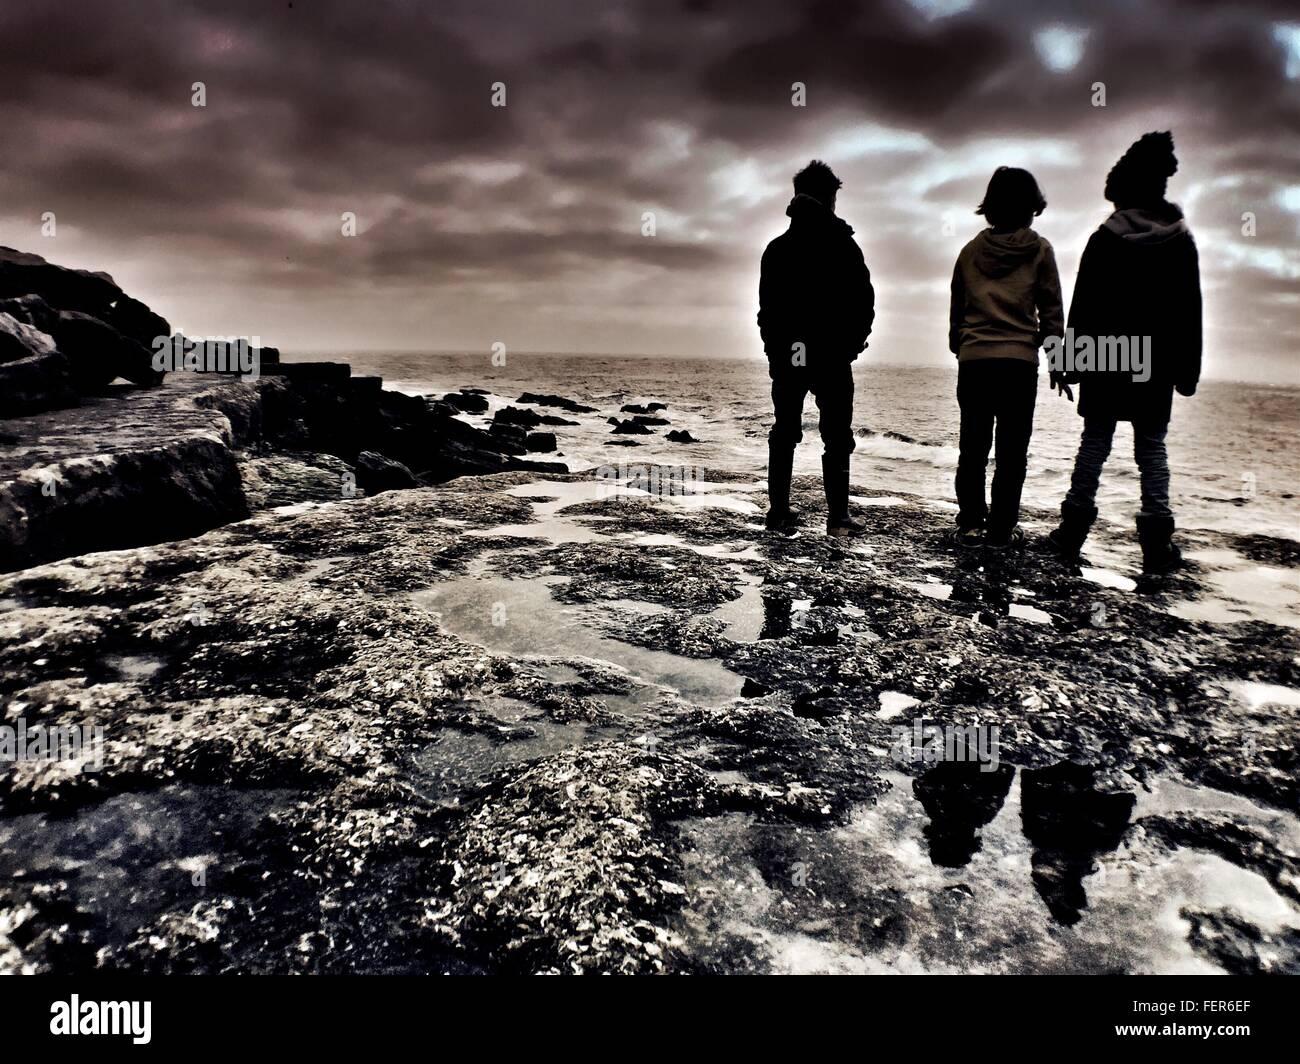 Raro ver la silueta de los muchachos en la playa permanente contra el cielo nublado Imagen De Stock